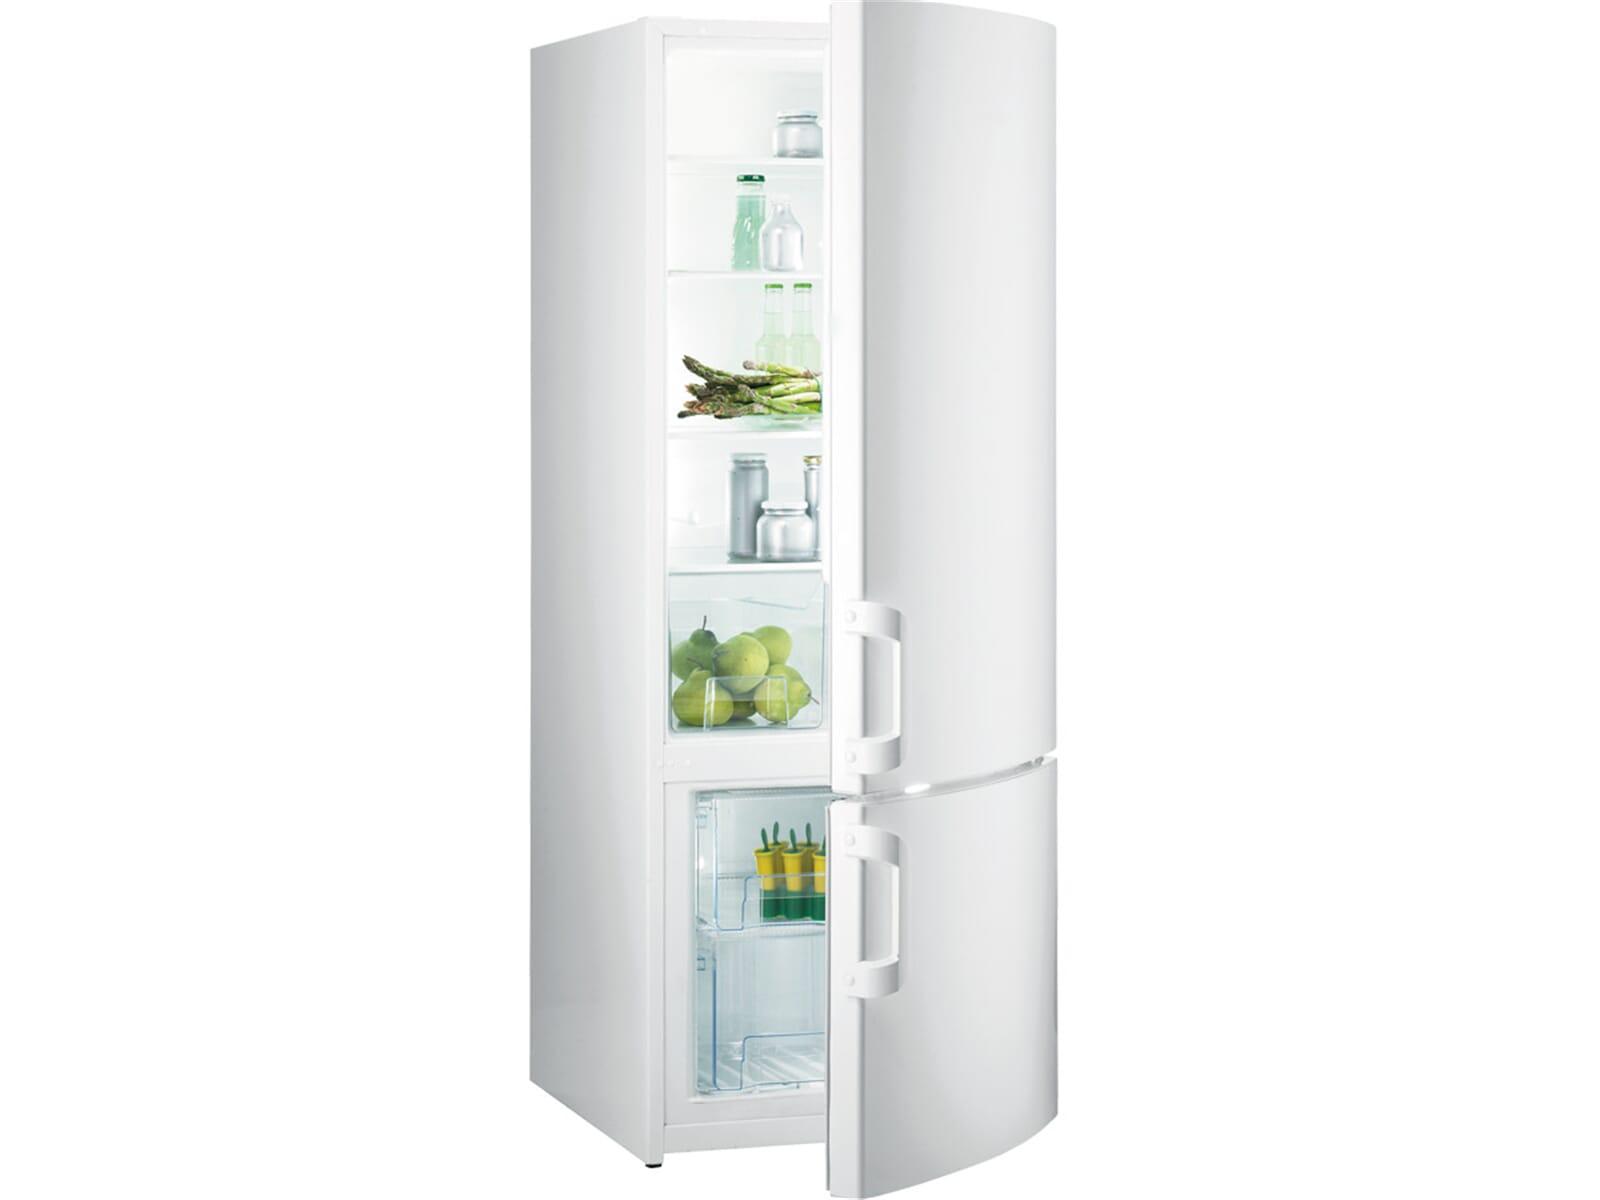 Gorenje Kühlschrank Weiß : Gorenje rk w kühl gefrierkombination weiß